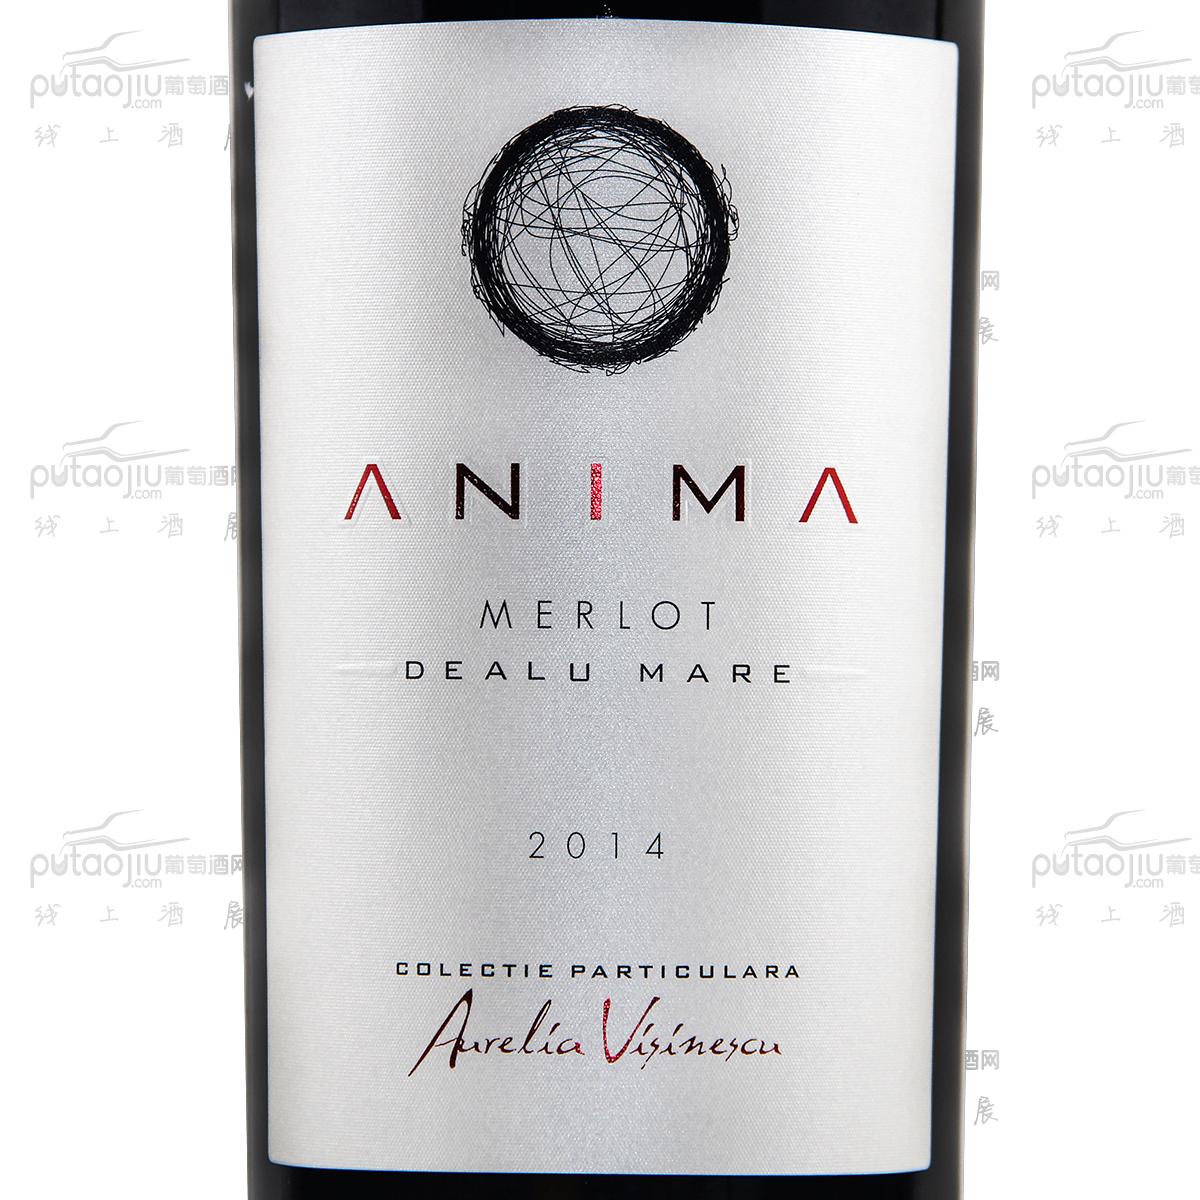 罗马尼亚得路马力罗布酒庄阿尼唛梅洛干红葡萄酒